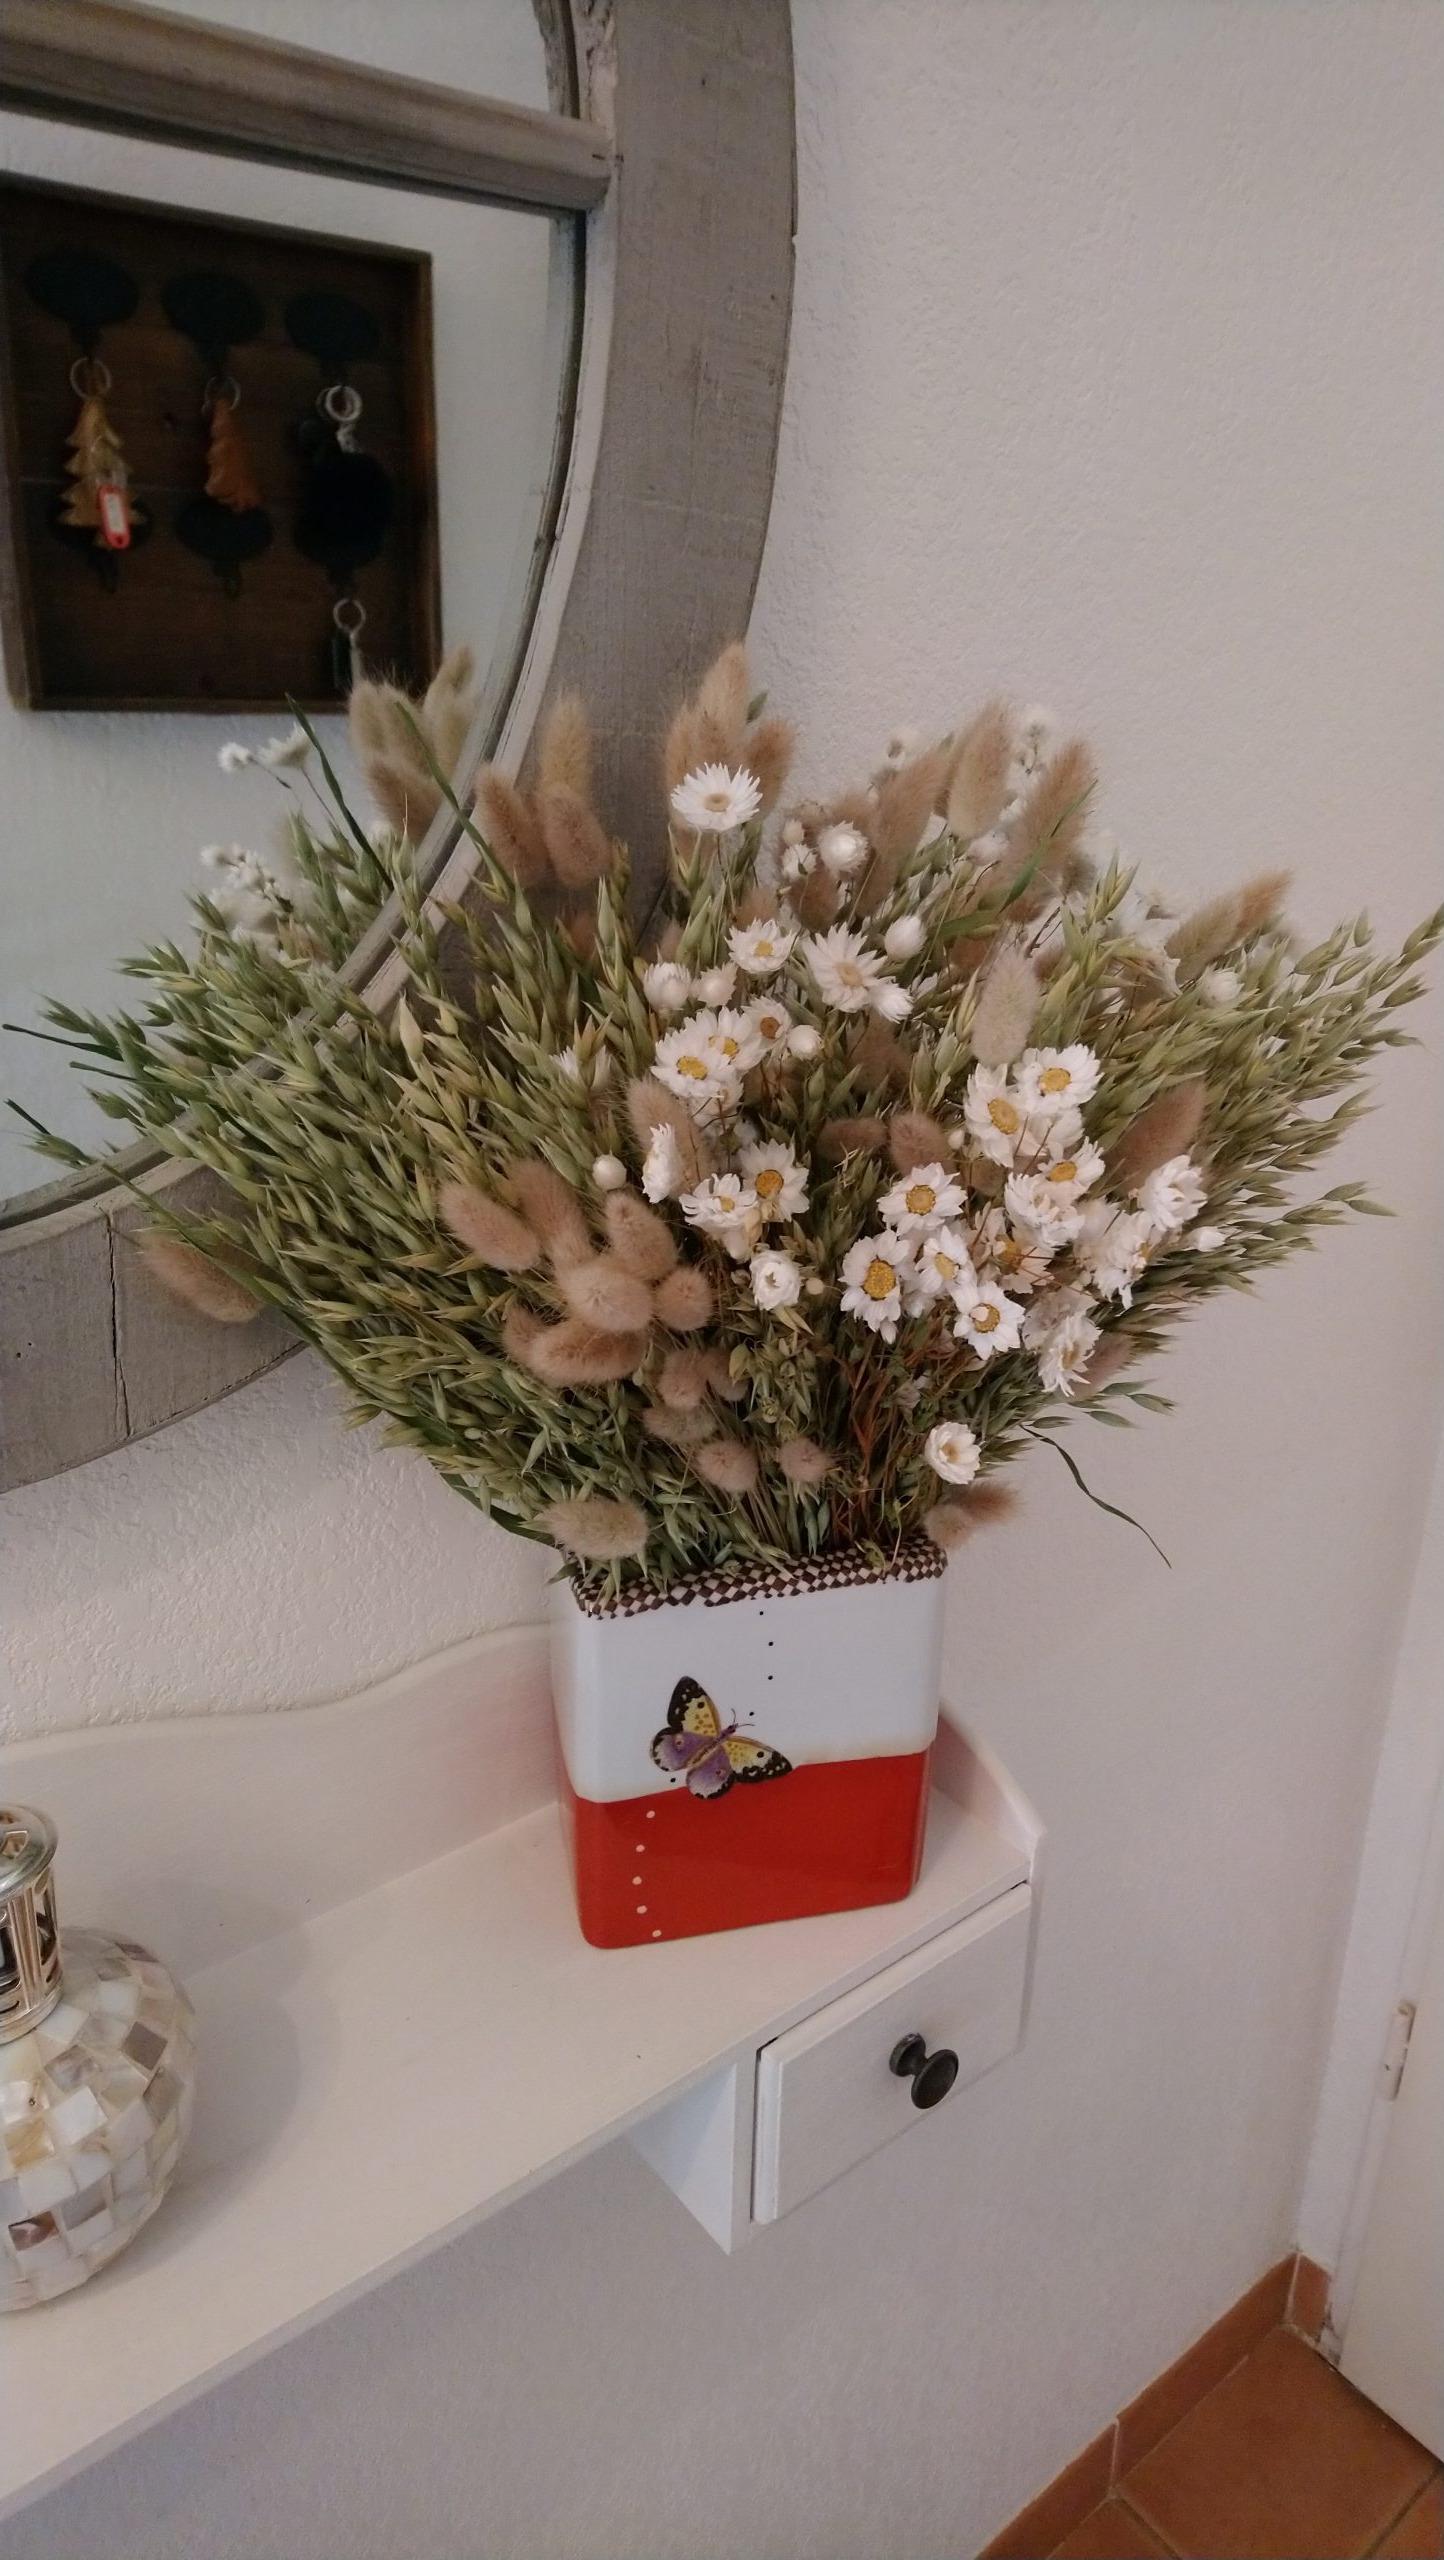 Un bouquet à l'entrée pour accueillir la maisonnée